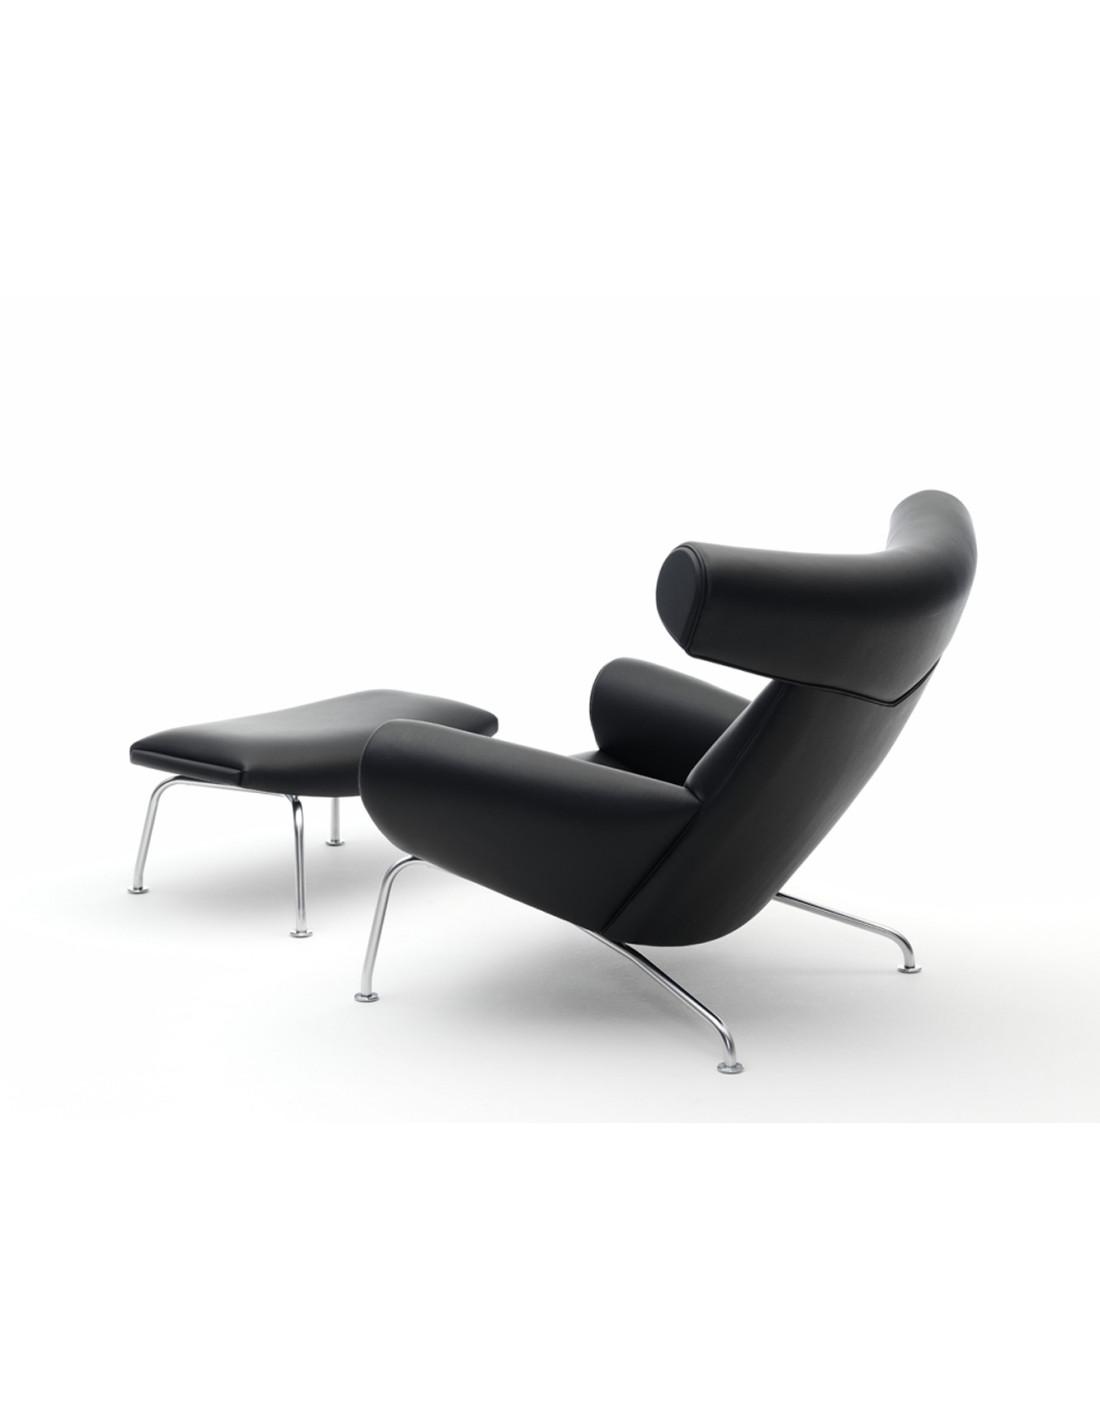 fauteuil boeuf ou ox chair design hans wegner pour erik. Black Bedroom Furniture Sets. Home Design Ideas